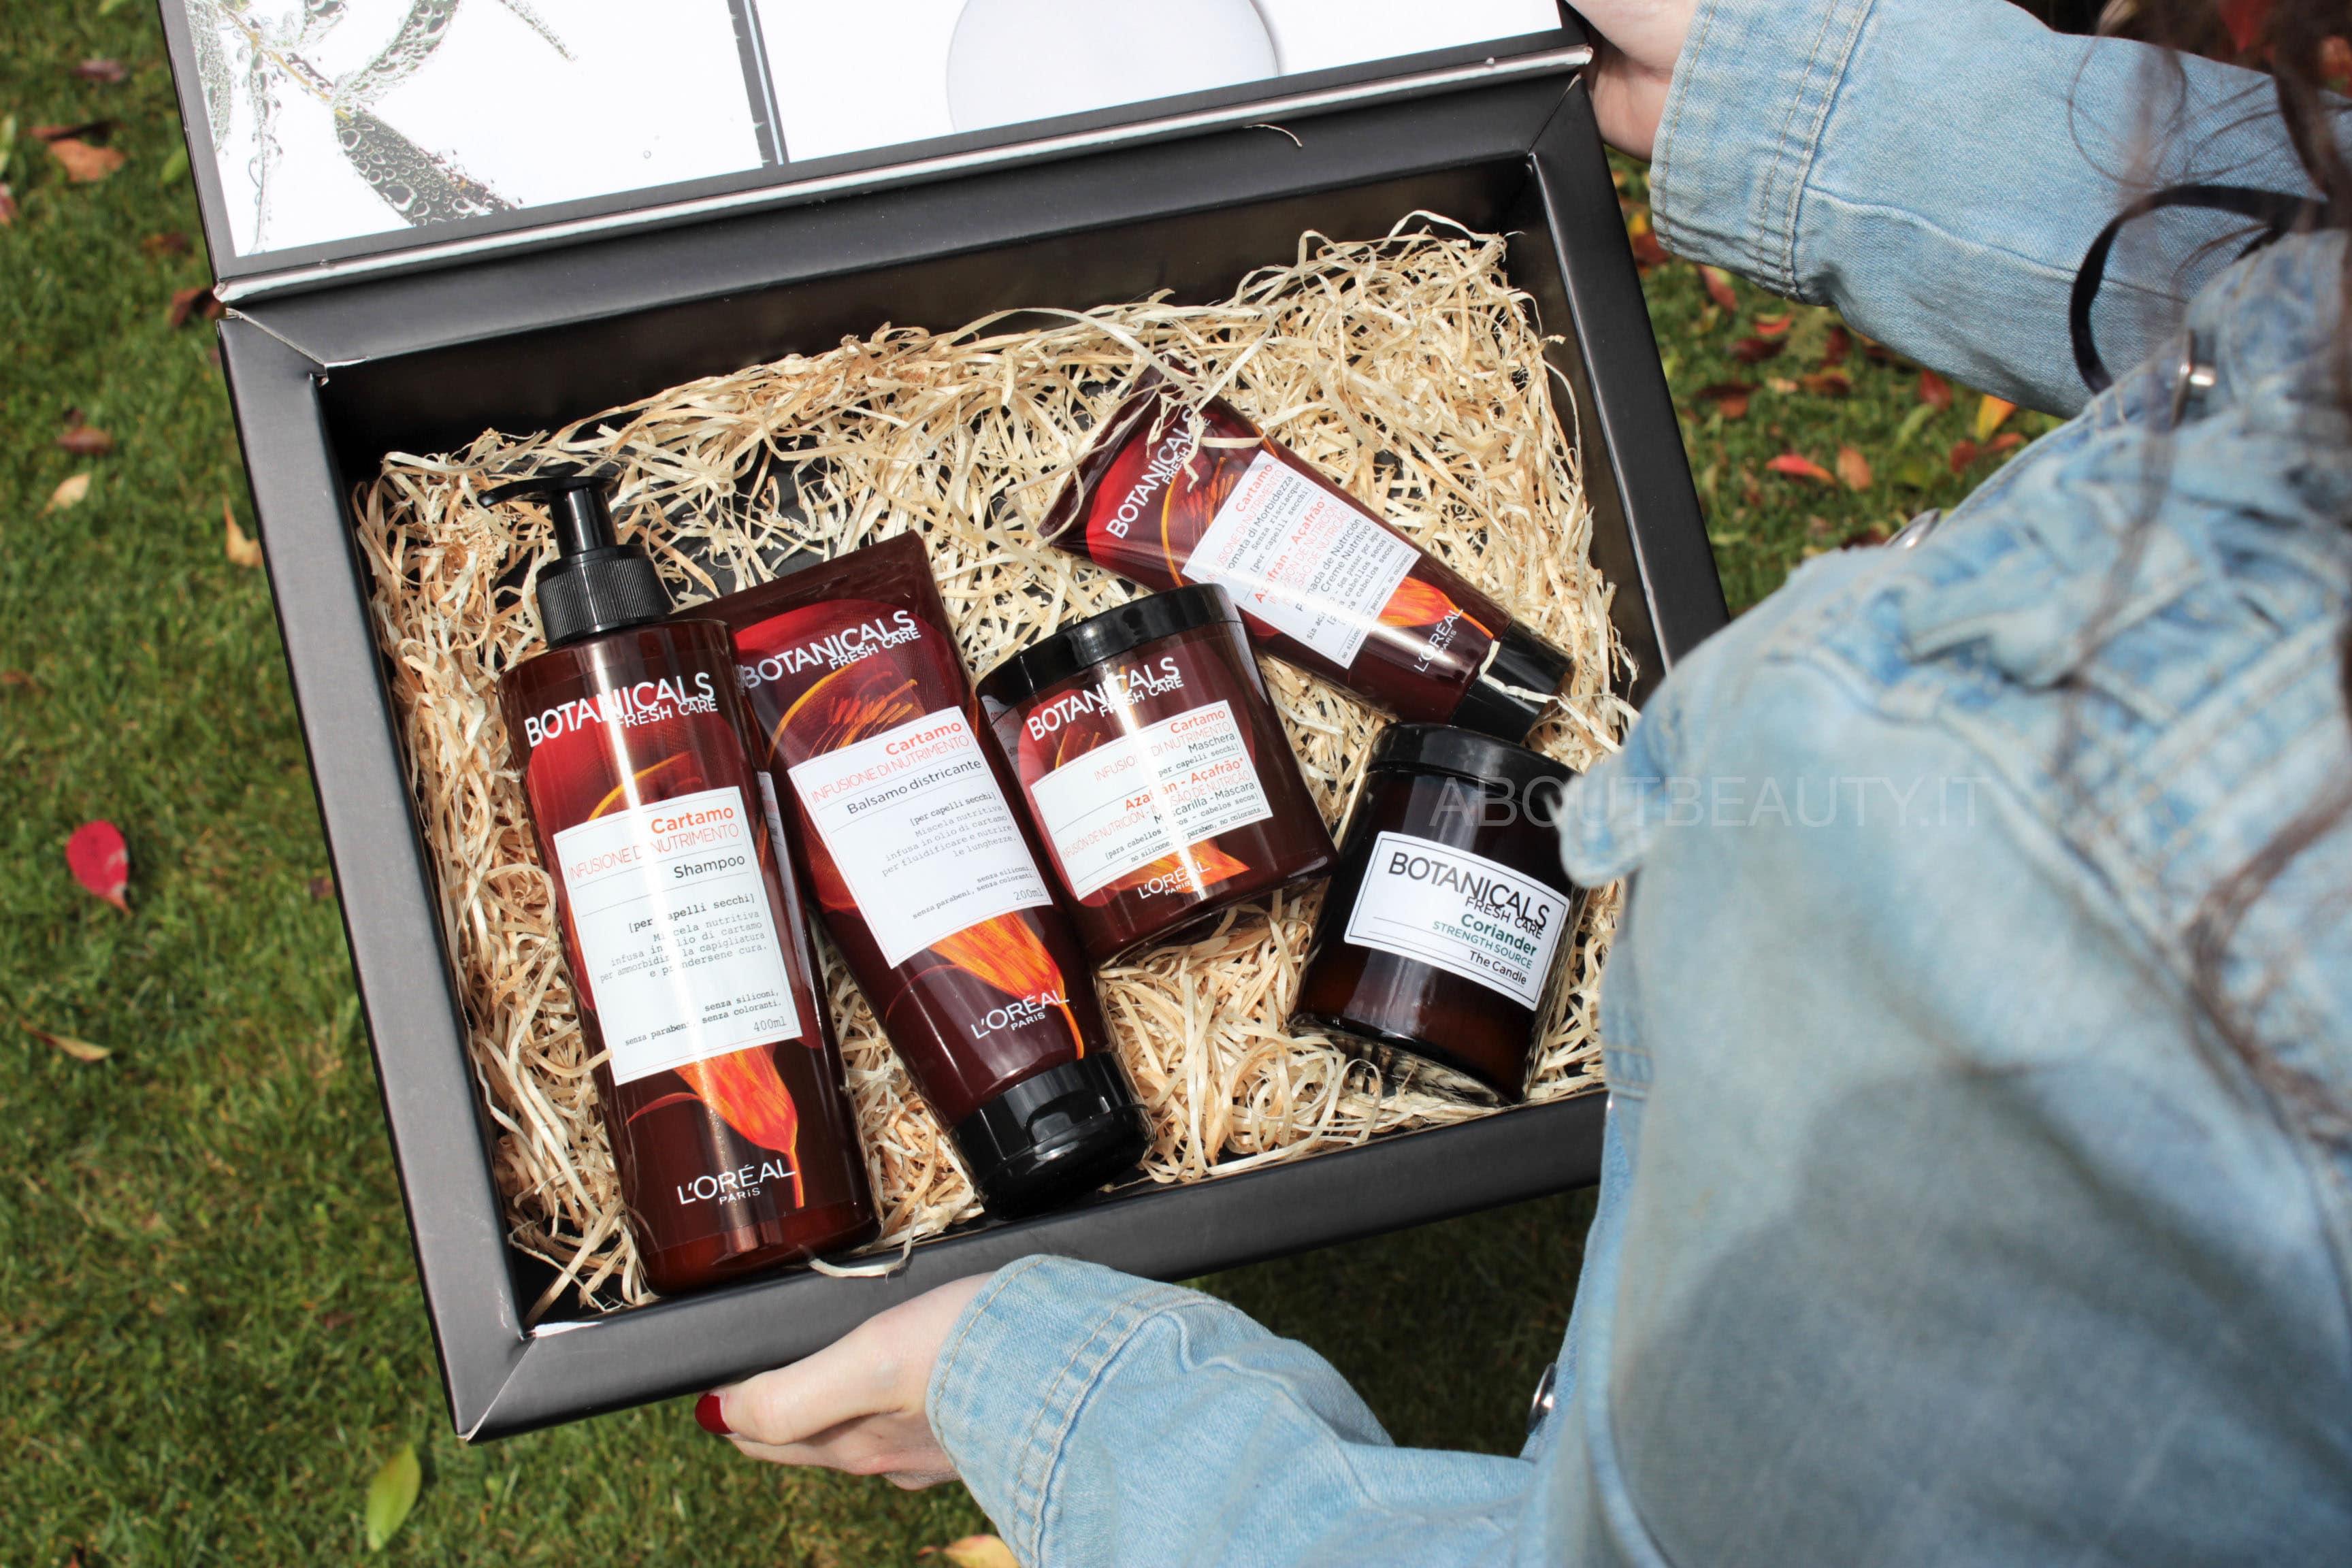 L'Oreal Botanicals Fresh Care, la linea al Cartamo per capelli secchi - La box con i prodotti